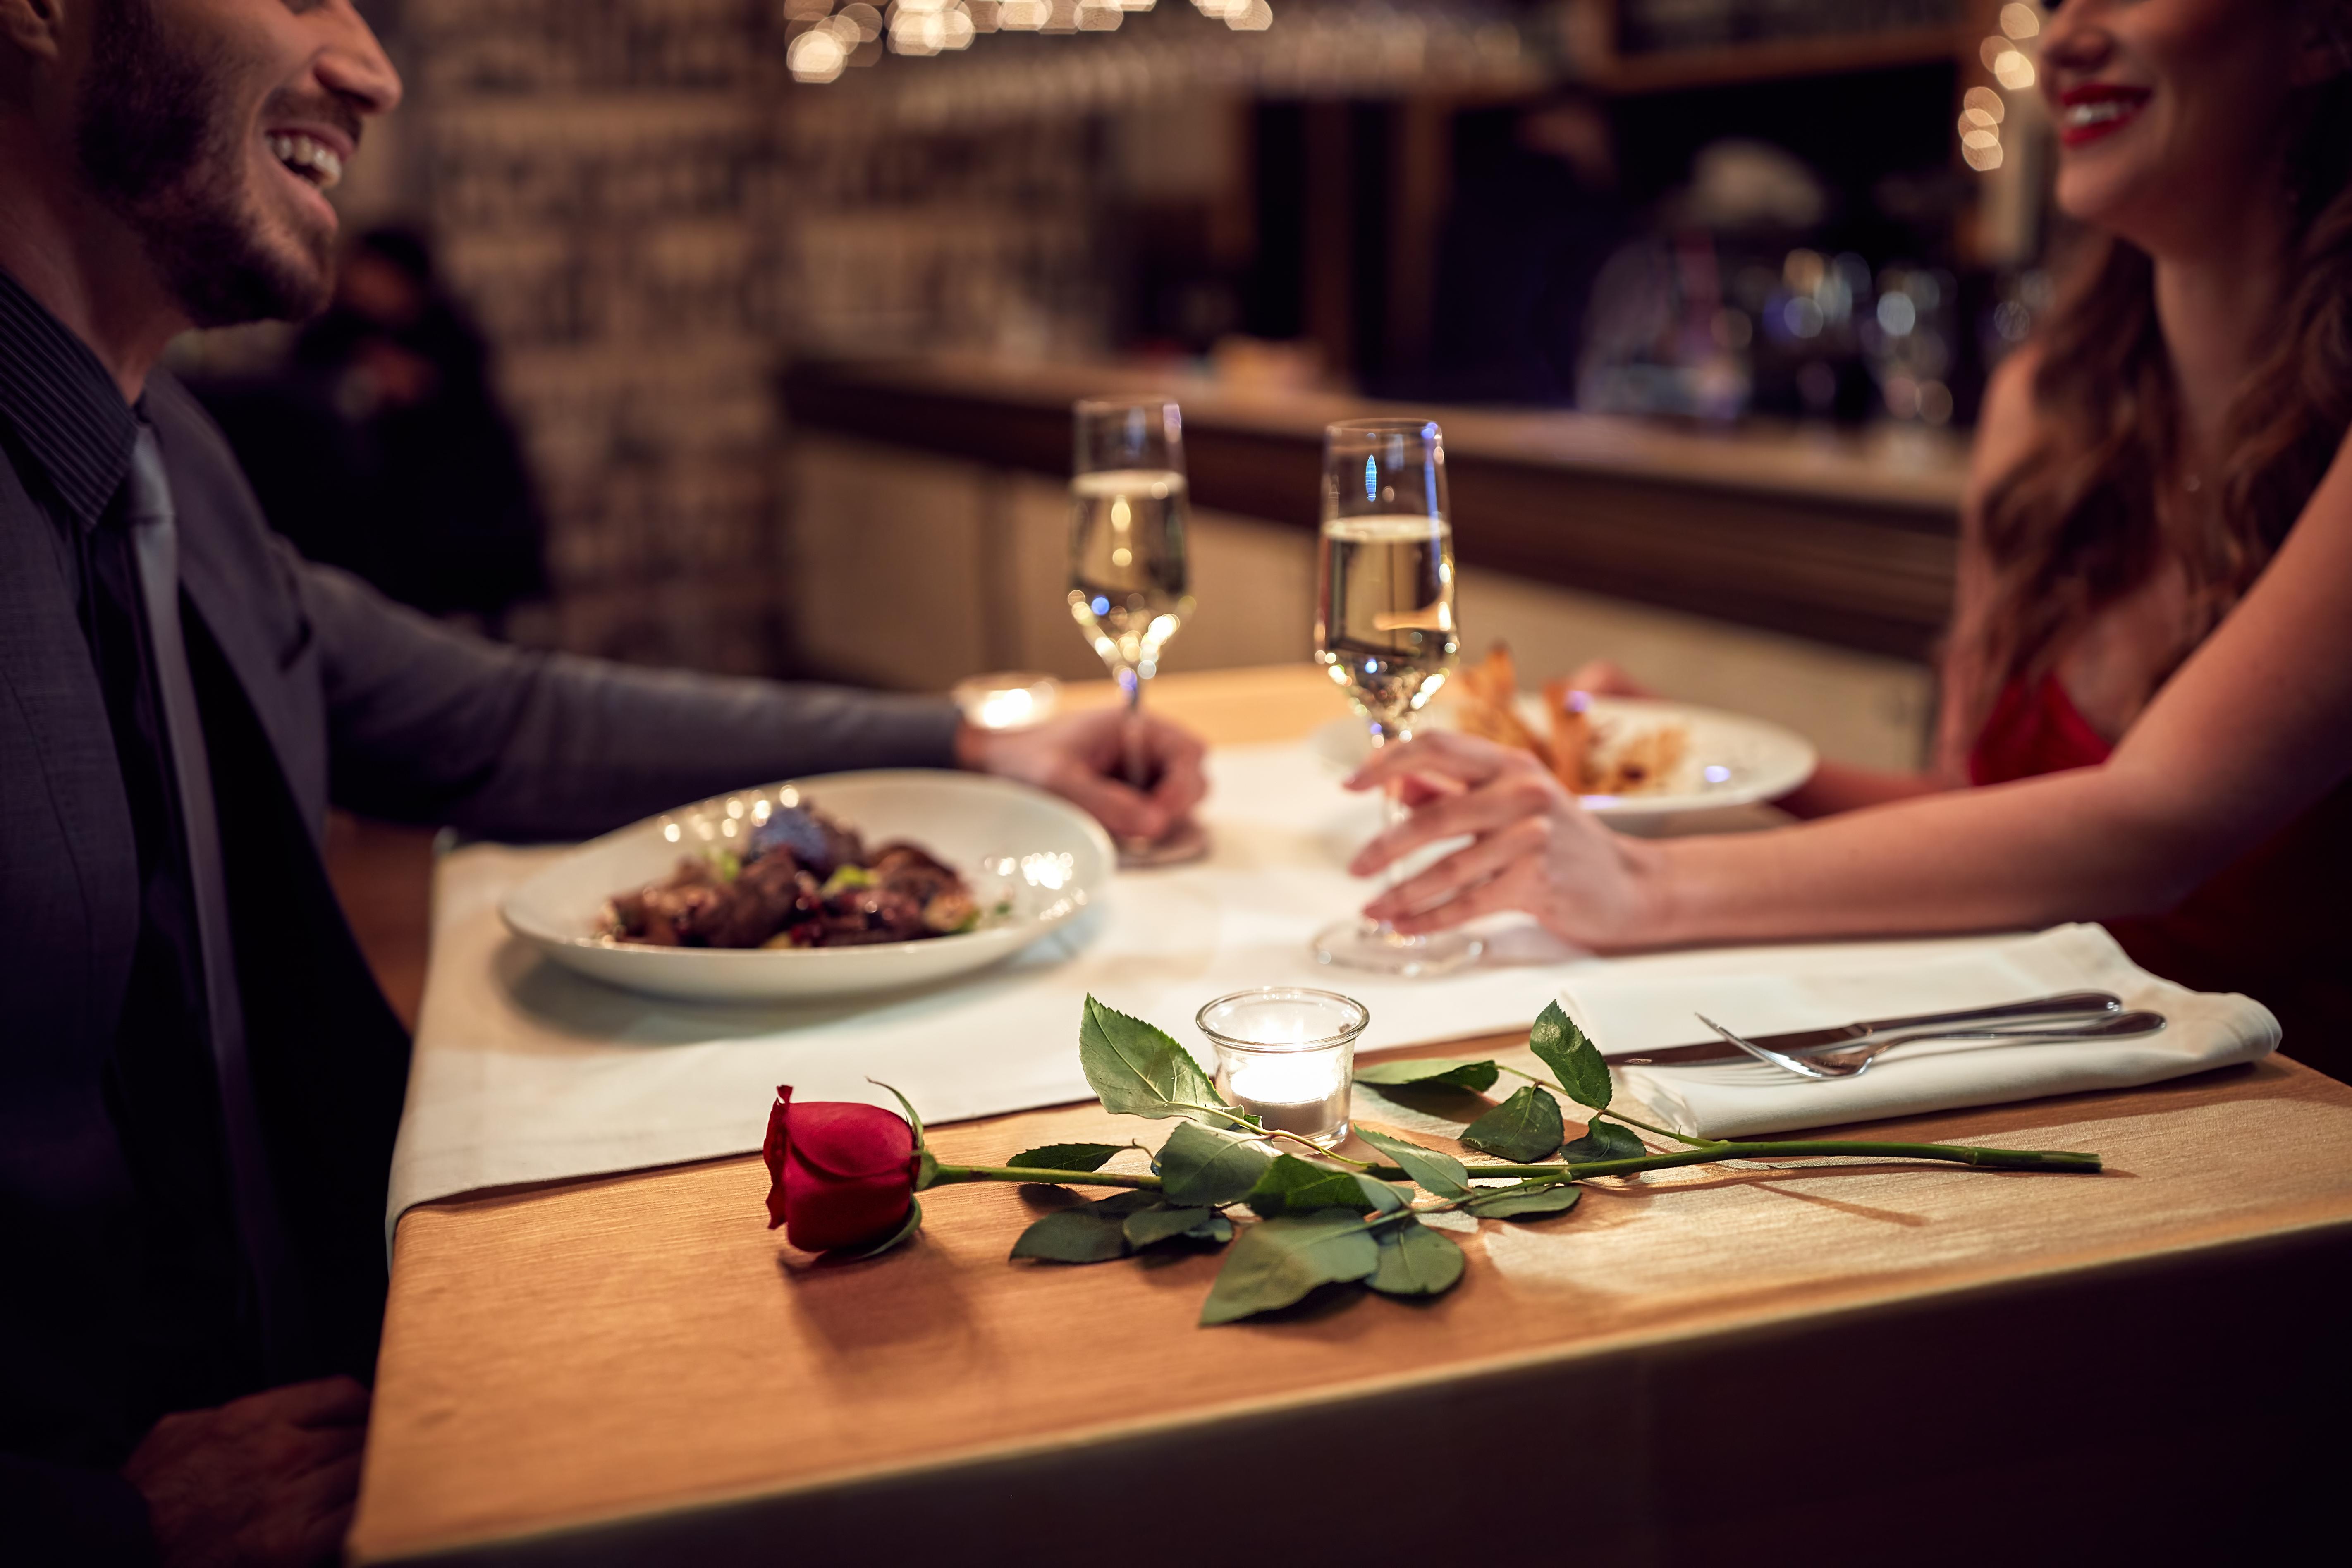 ארוחה רומנטית, במיקום לא שגרתי